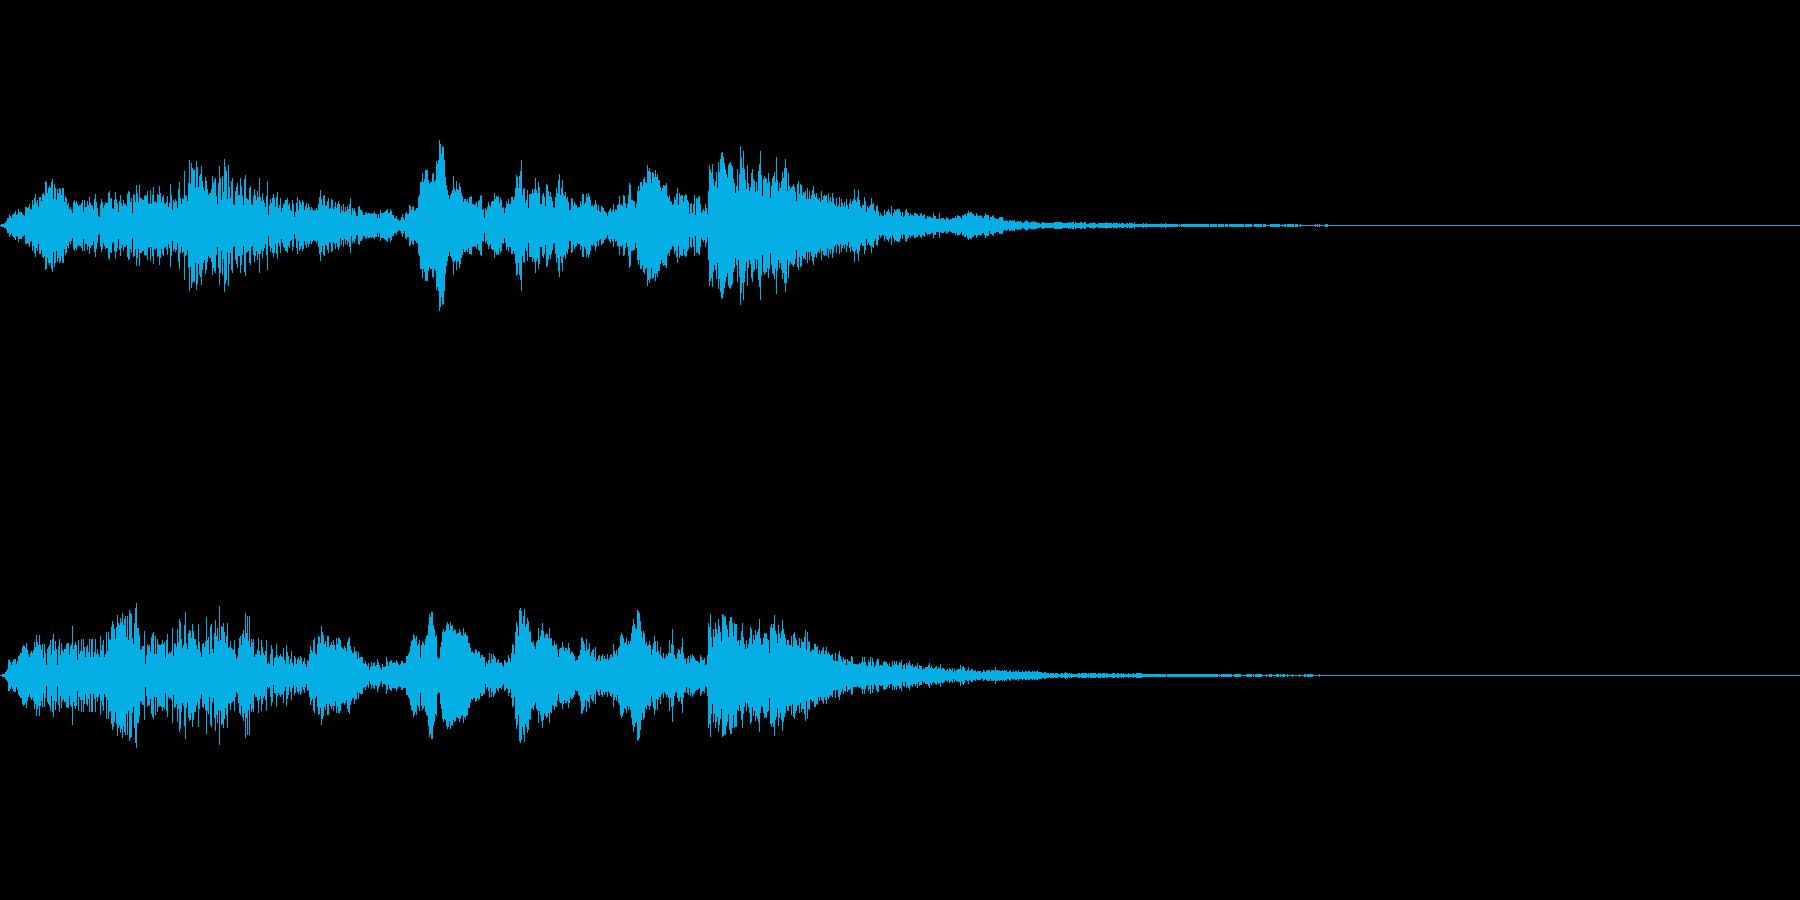 リコーダージングル、上るメロディの再生済みの波形